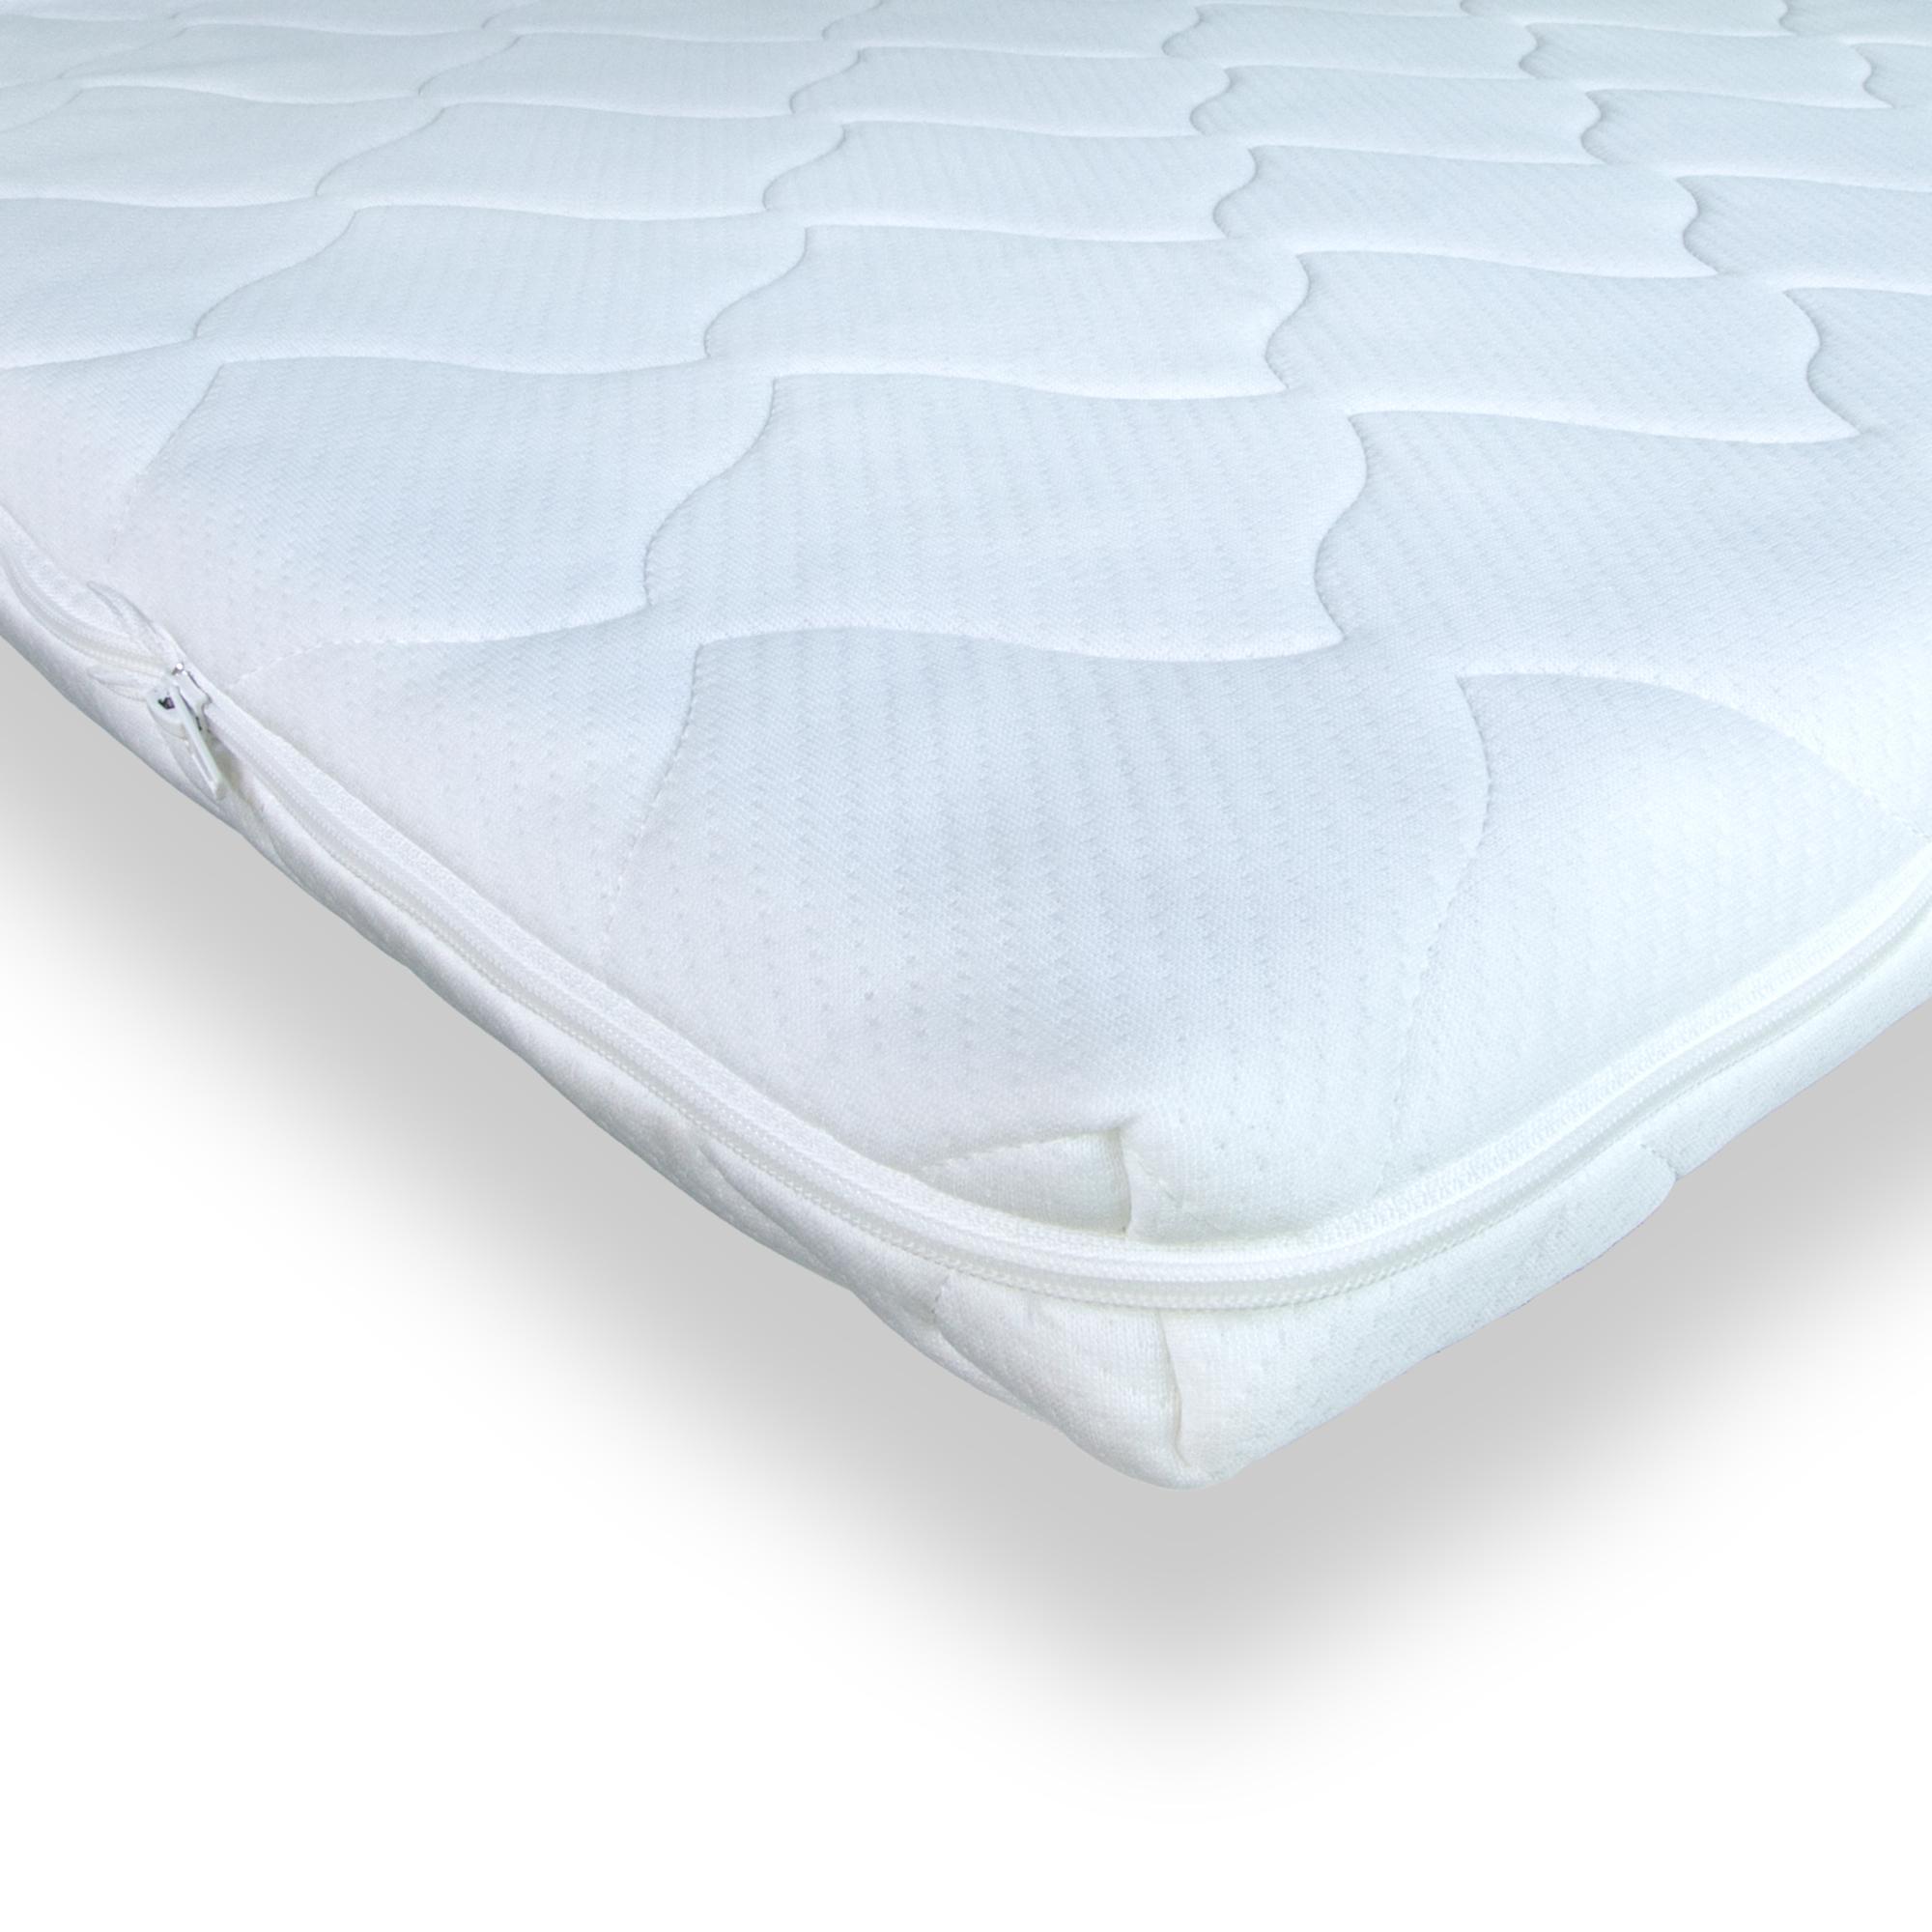 Matratzenauflage//Topper 6 cm mit Bezug